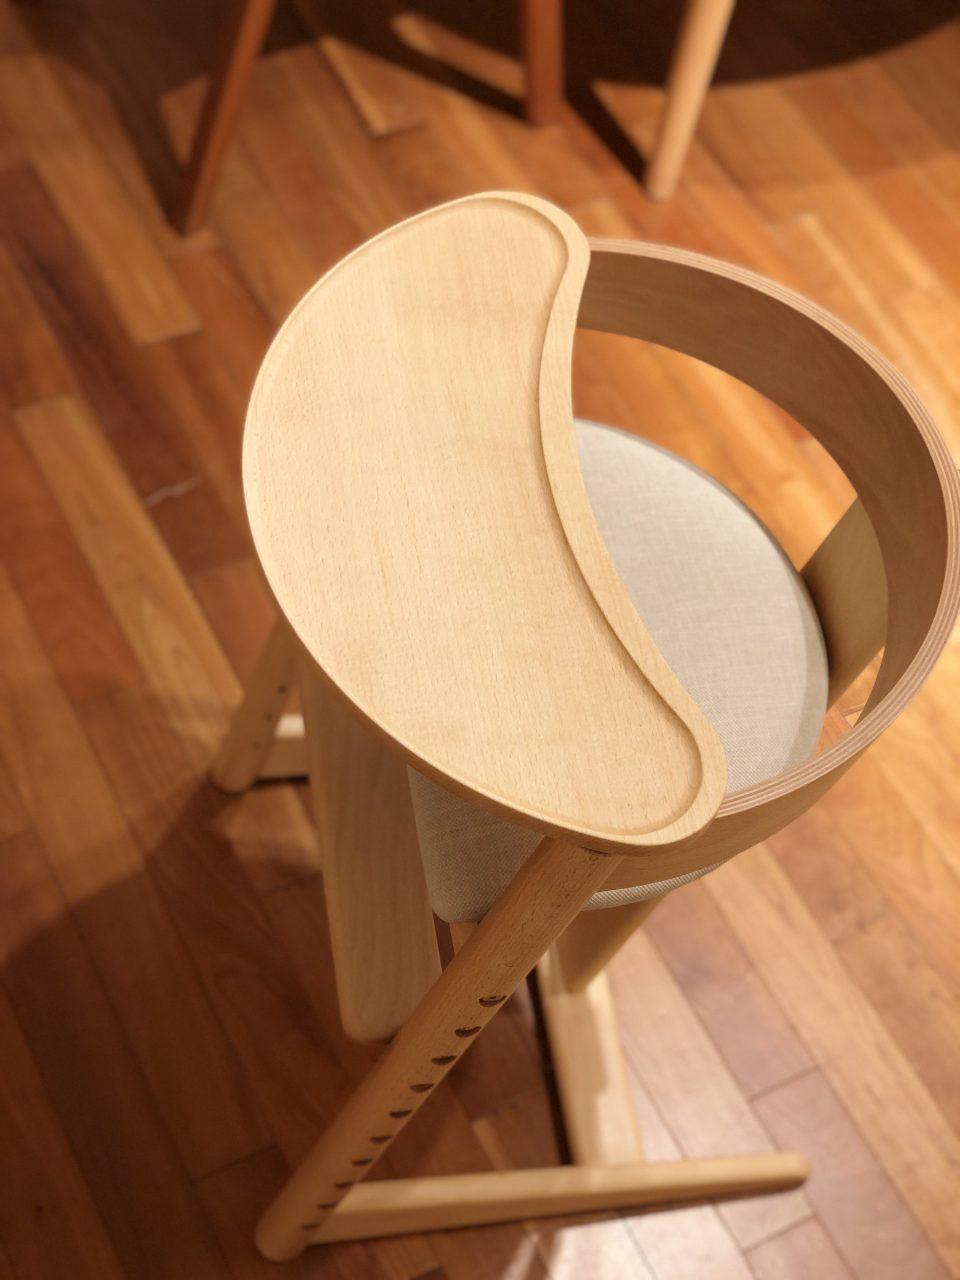 新潟市のおしゃれなベビーチェアは、オプションのテーブルを取り付ければ、乳児用としても使えます